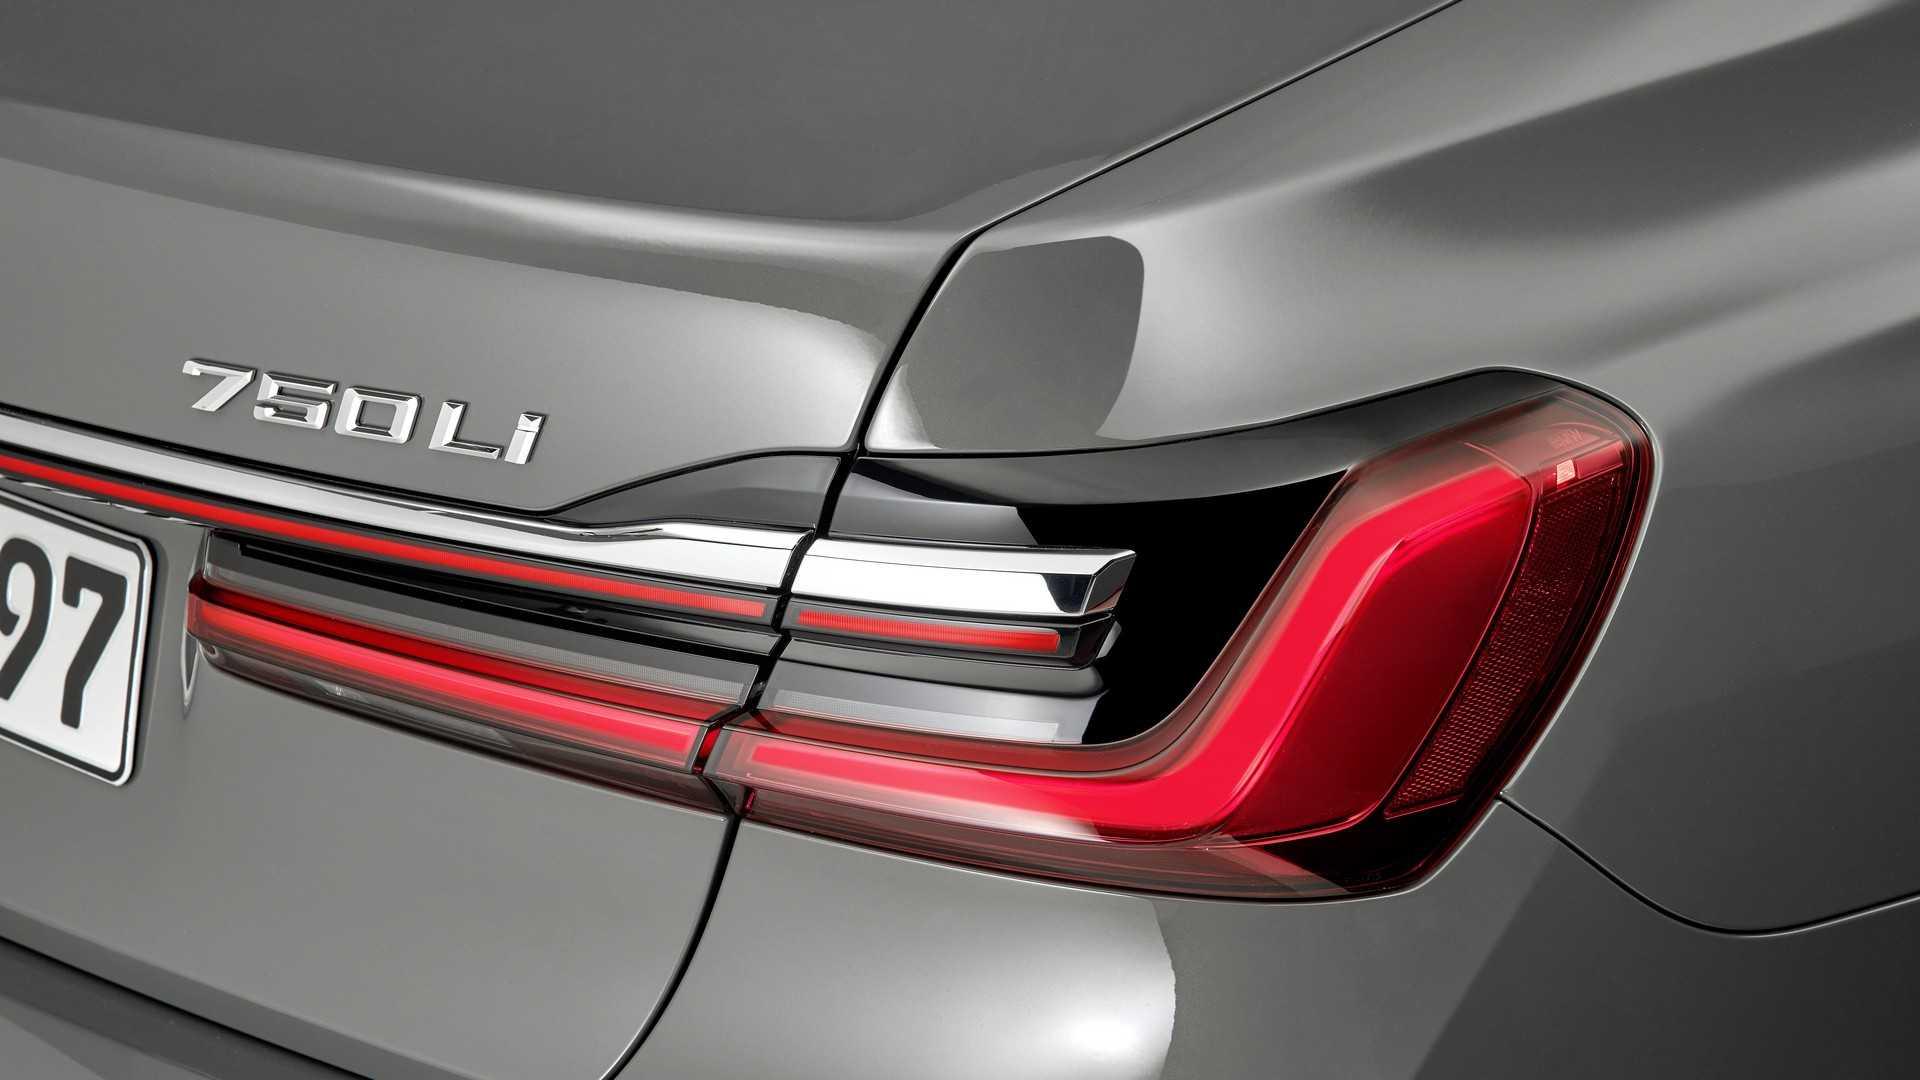 BMW 7 Series thế hệ mới sẽ có thêm bản chạy điện hoàn toàn - 5